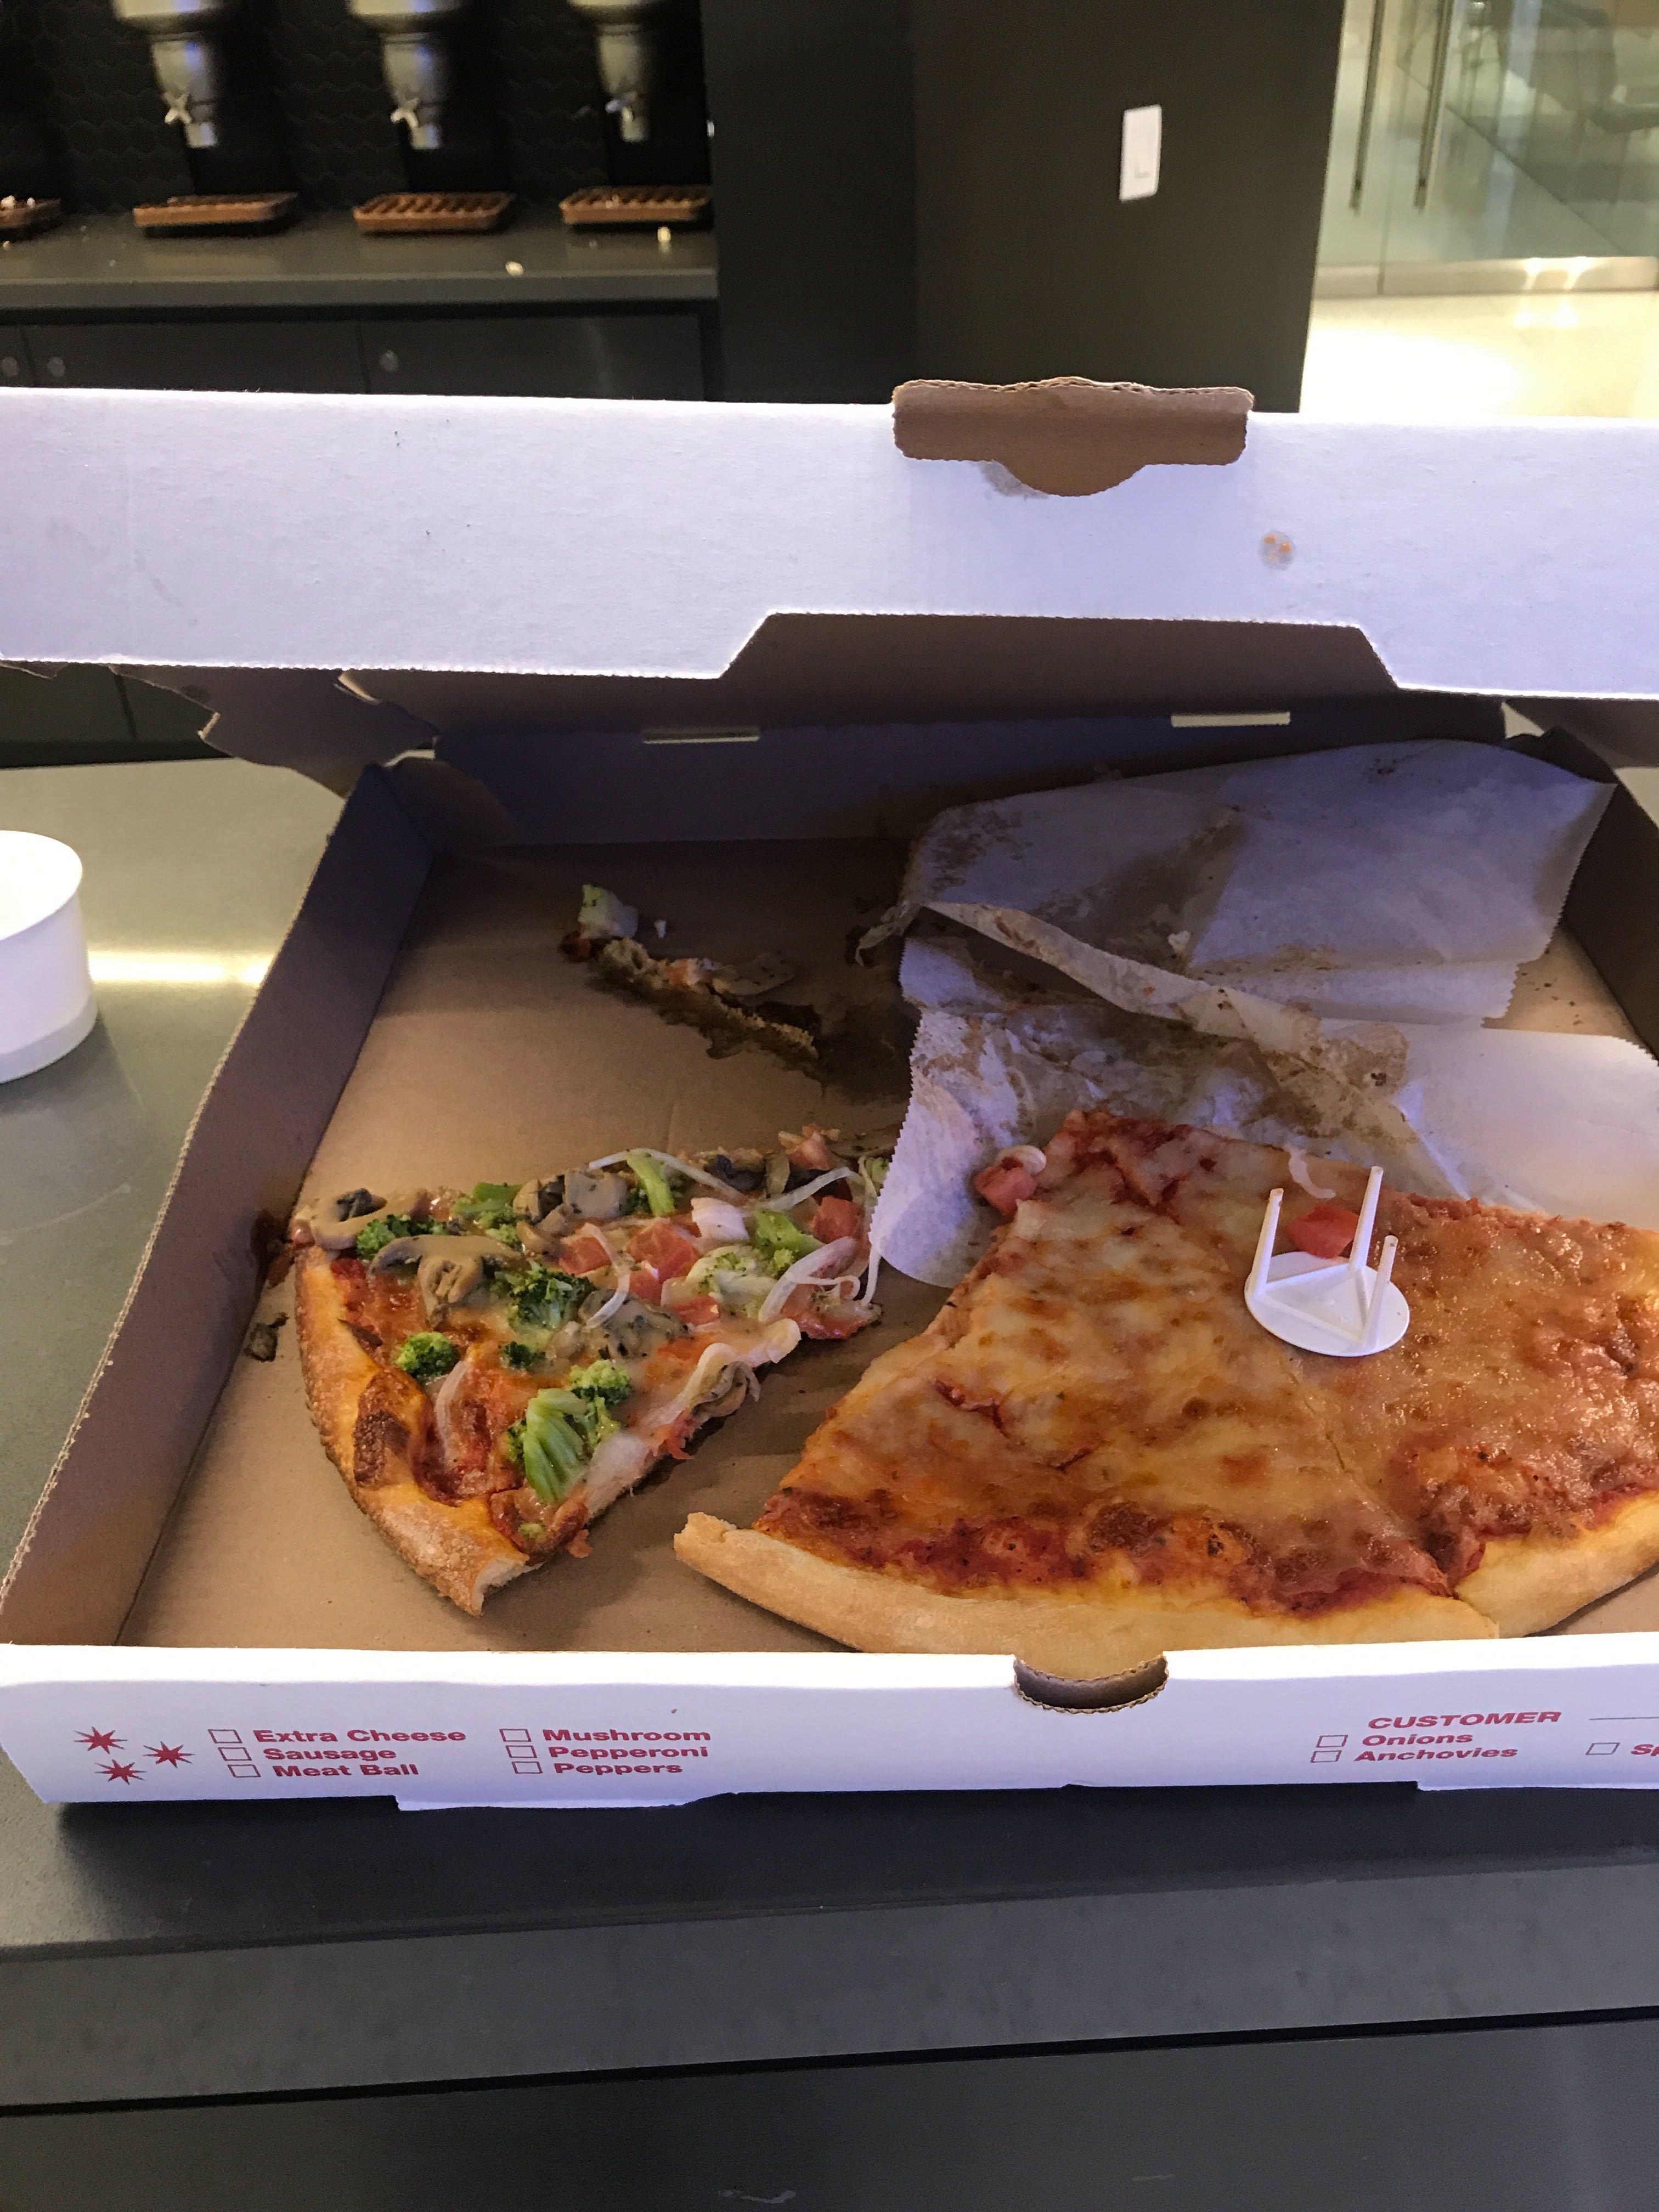 Thanksgiving Leftover Pizza DJM